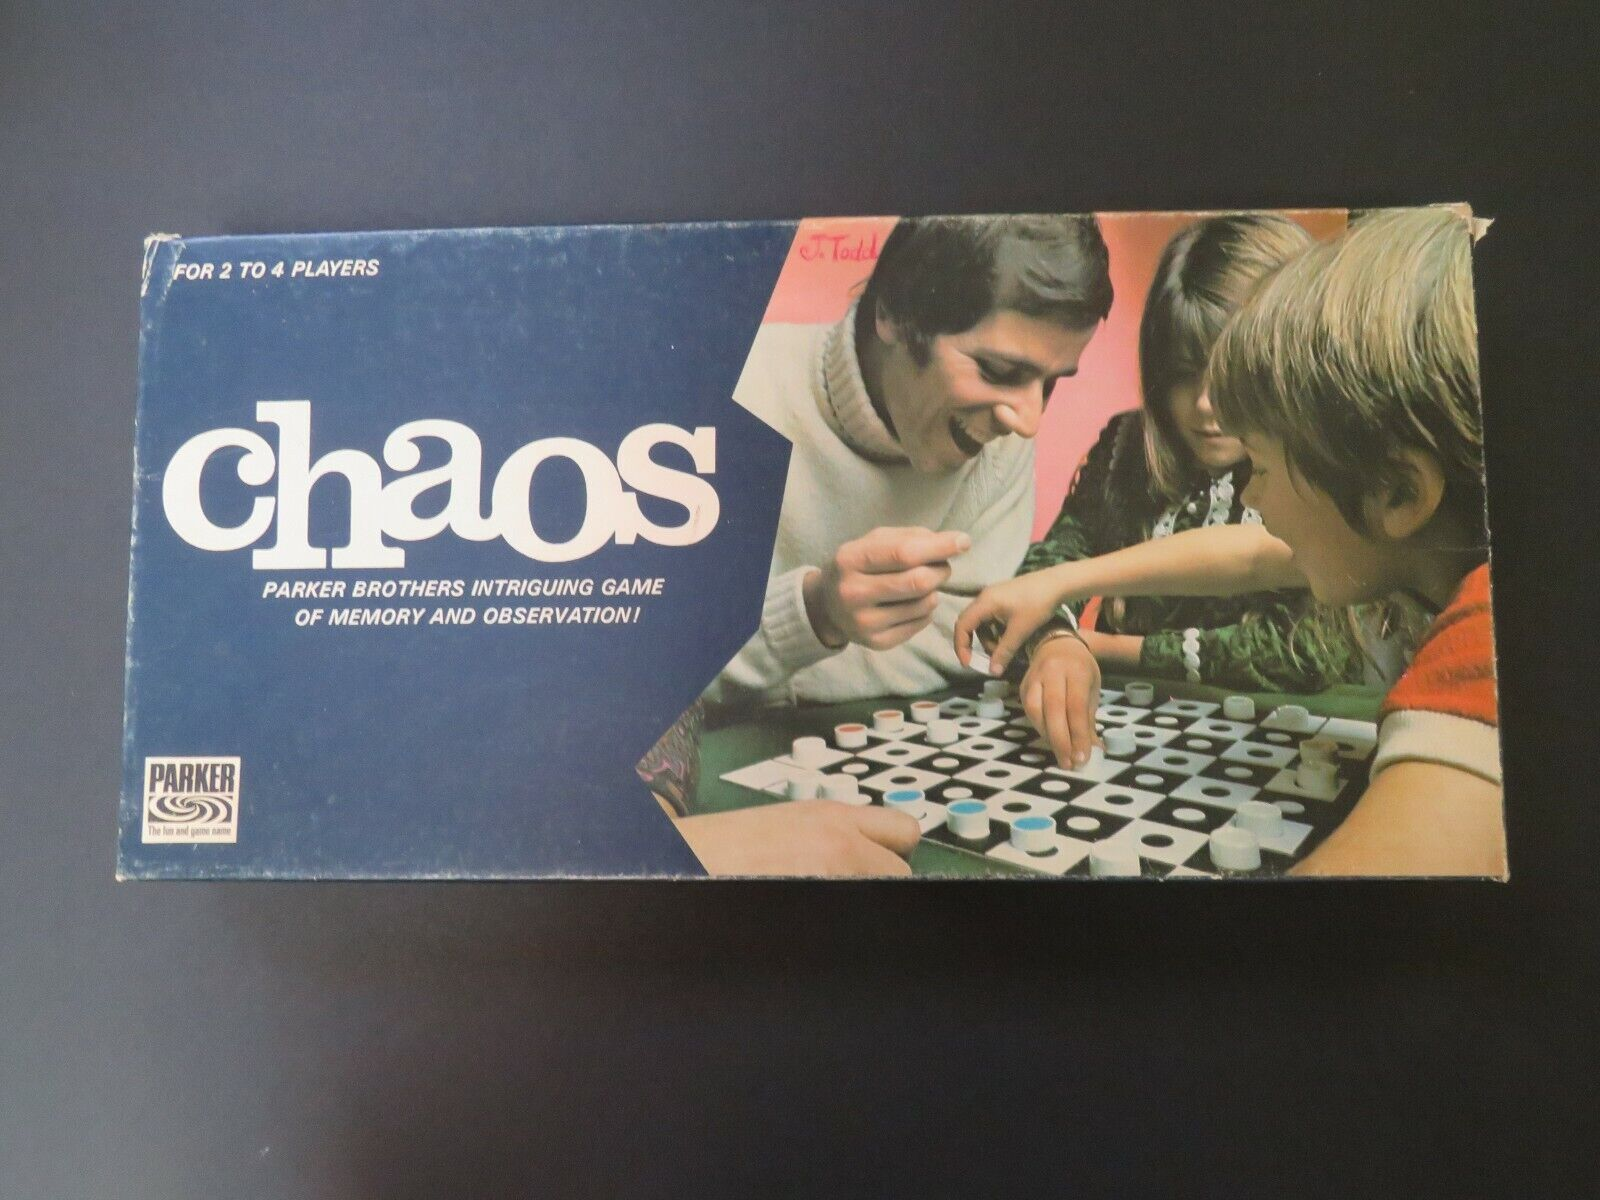 Juegos de tablero de ajedrez clásicos de 1972